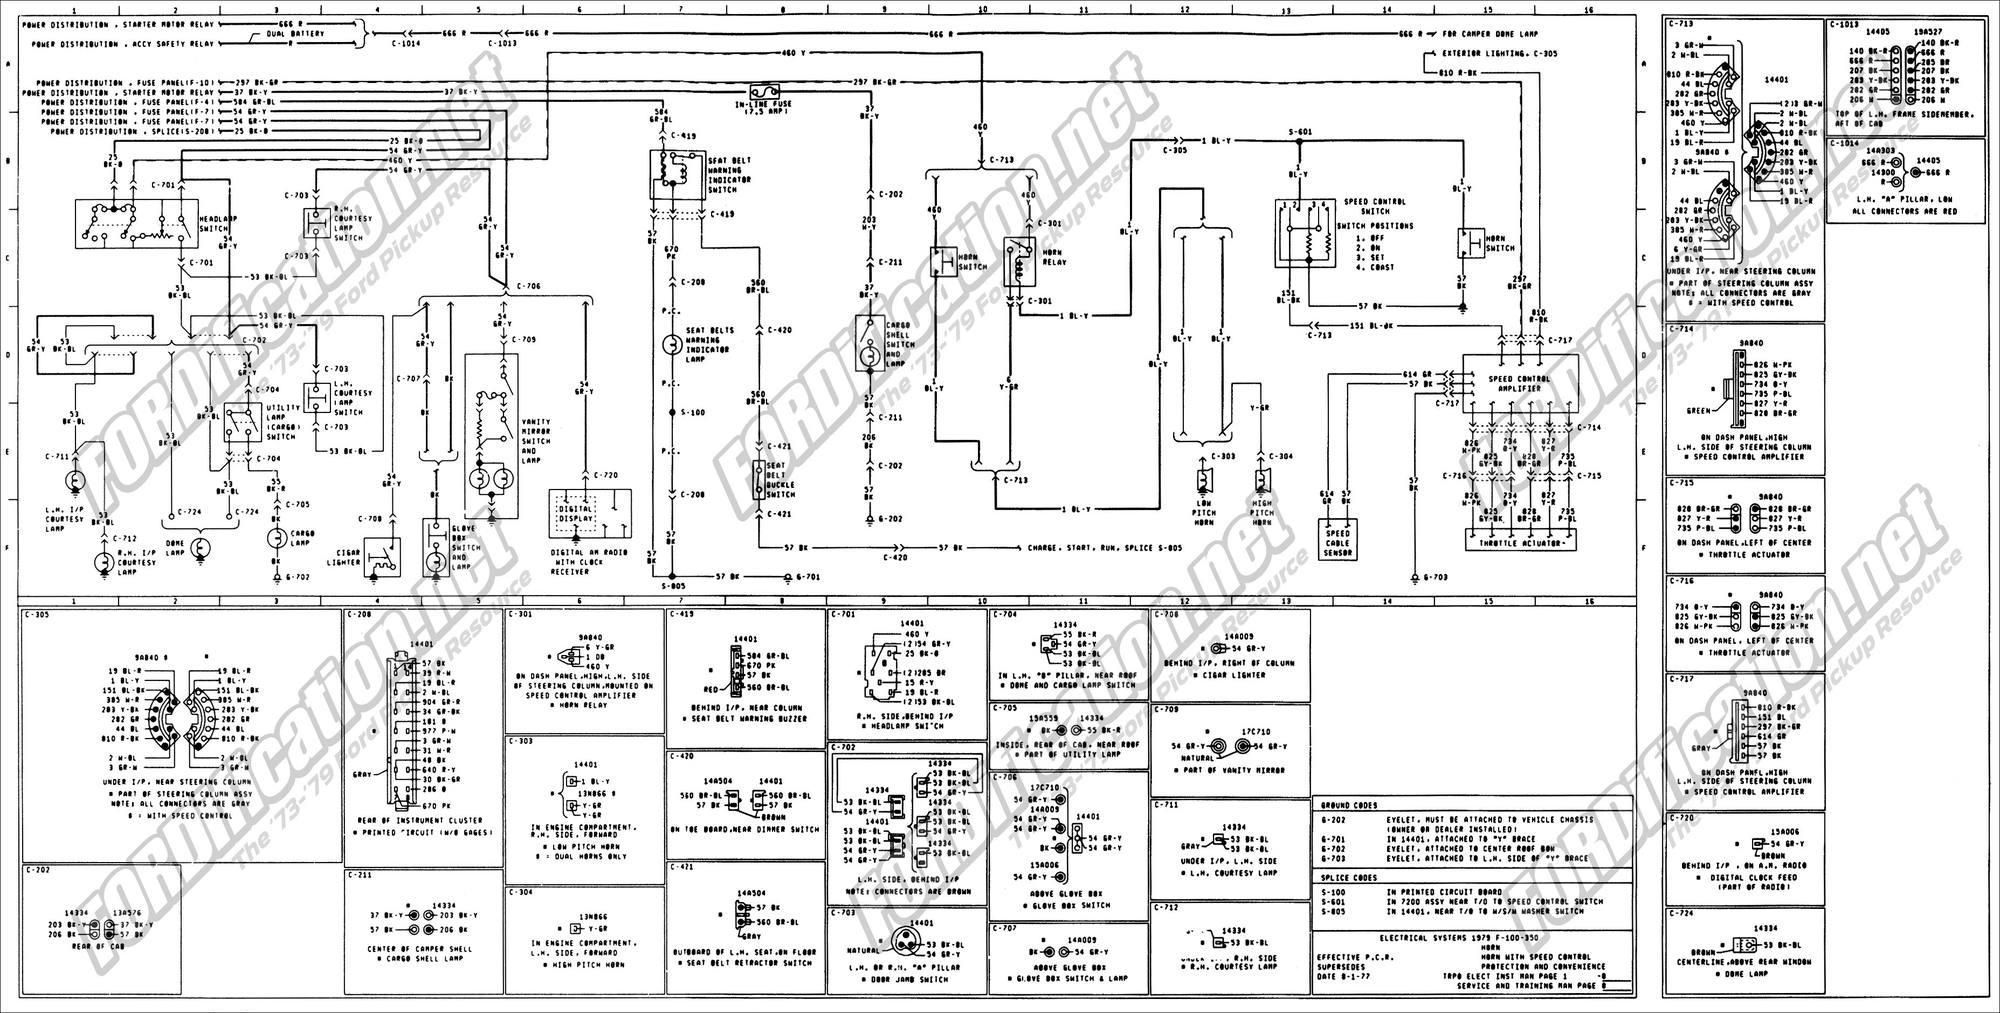 Delco Radio Wiring Diagram - Wiring Diagram Description on